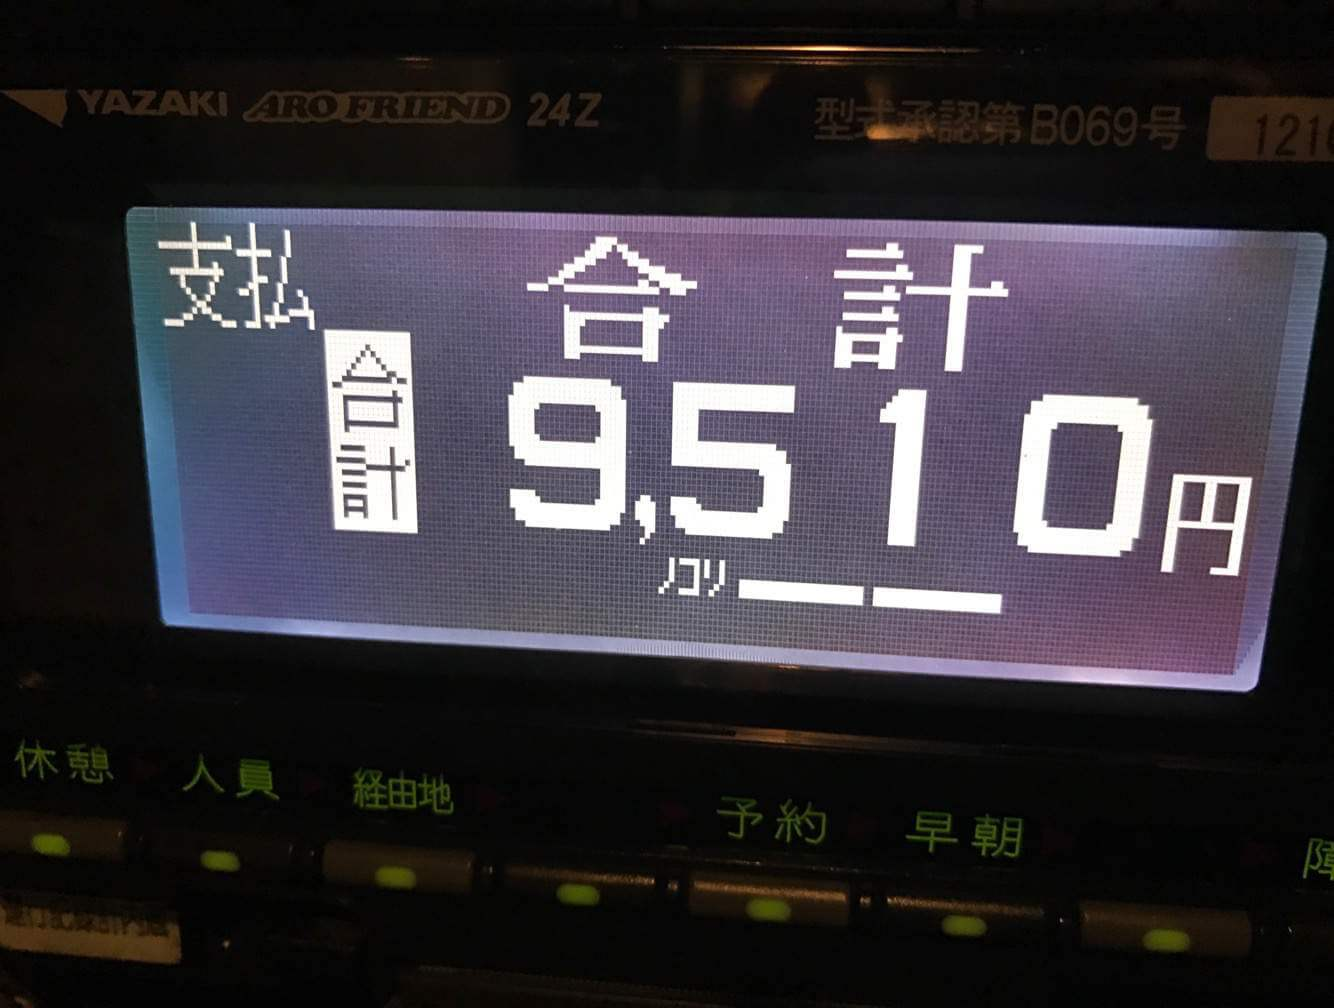 お盆明けの日曜日。金曜日に比べると超天国だった1日!-2017/08/20(日)の乗務記録-